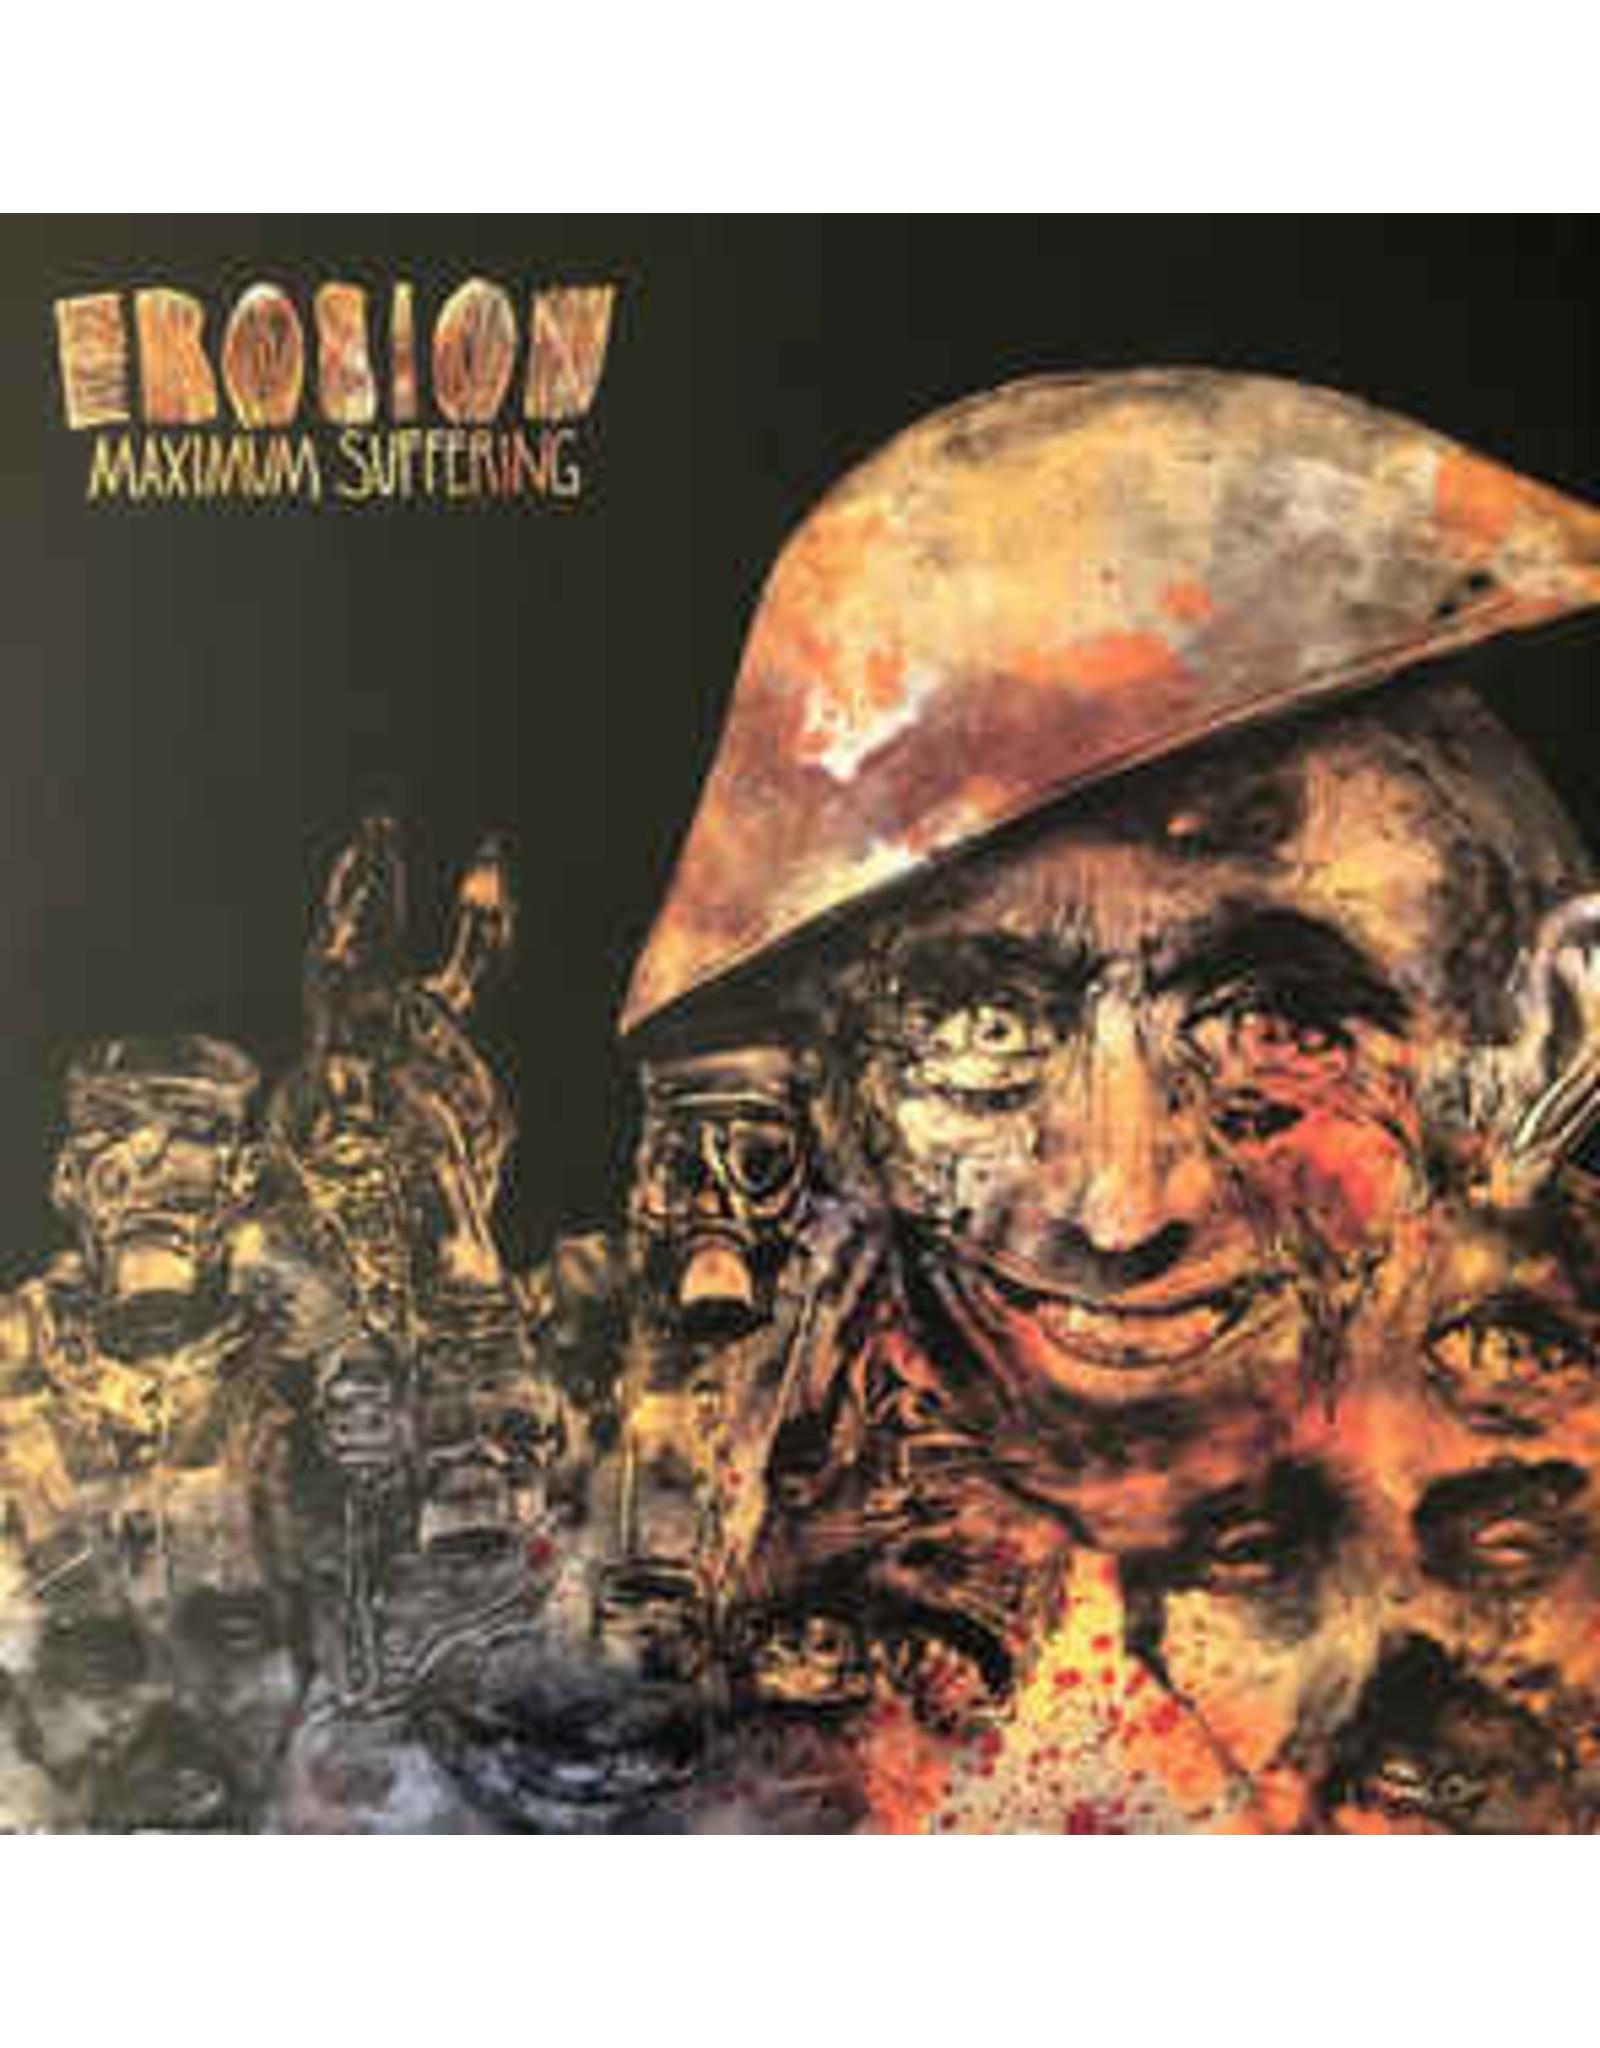 Erosion - Maximum Suffering LP